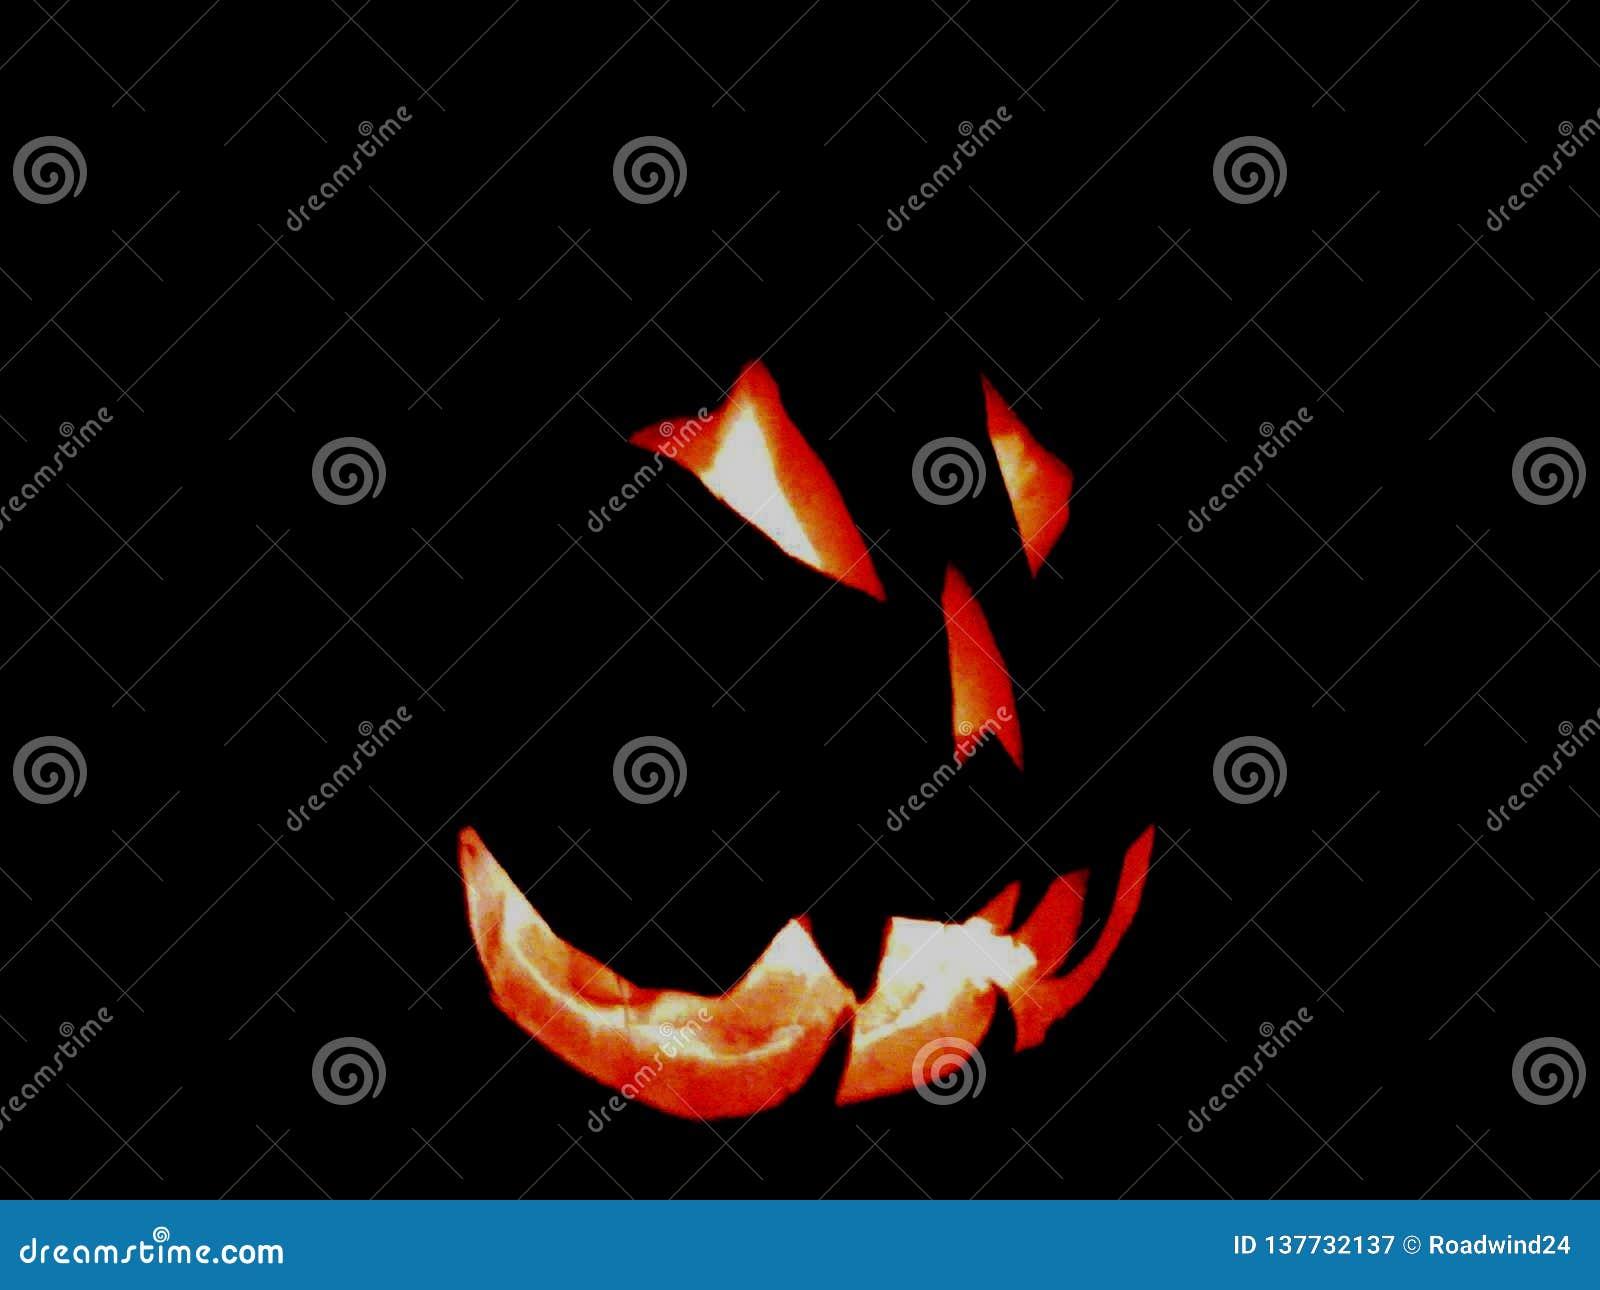 Scary fiery Halloween pumpkin face